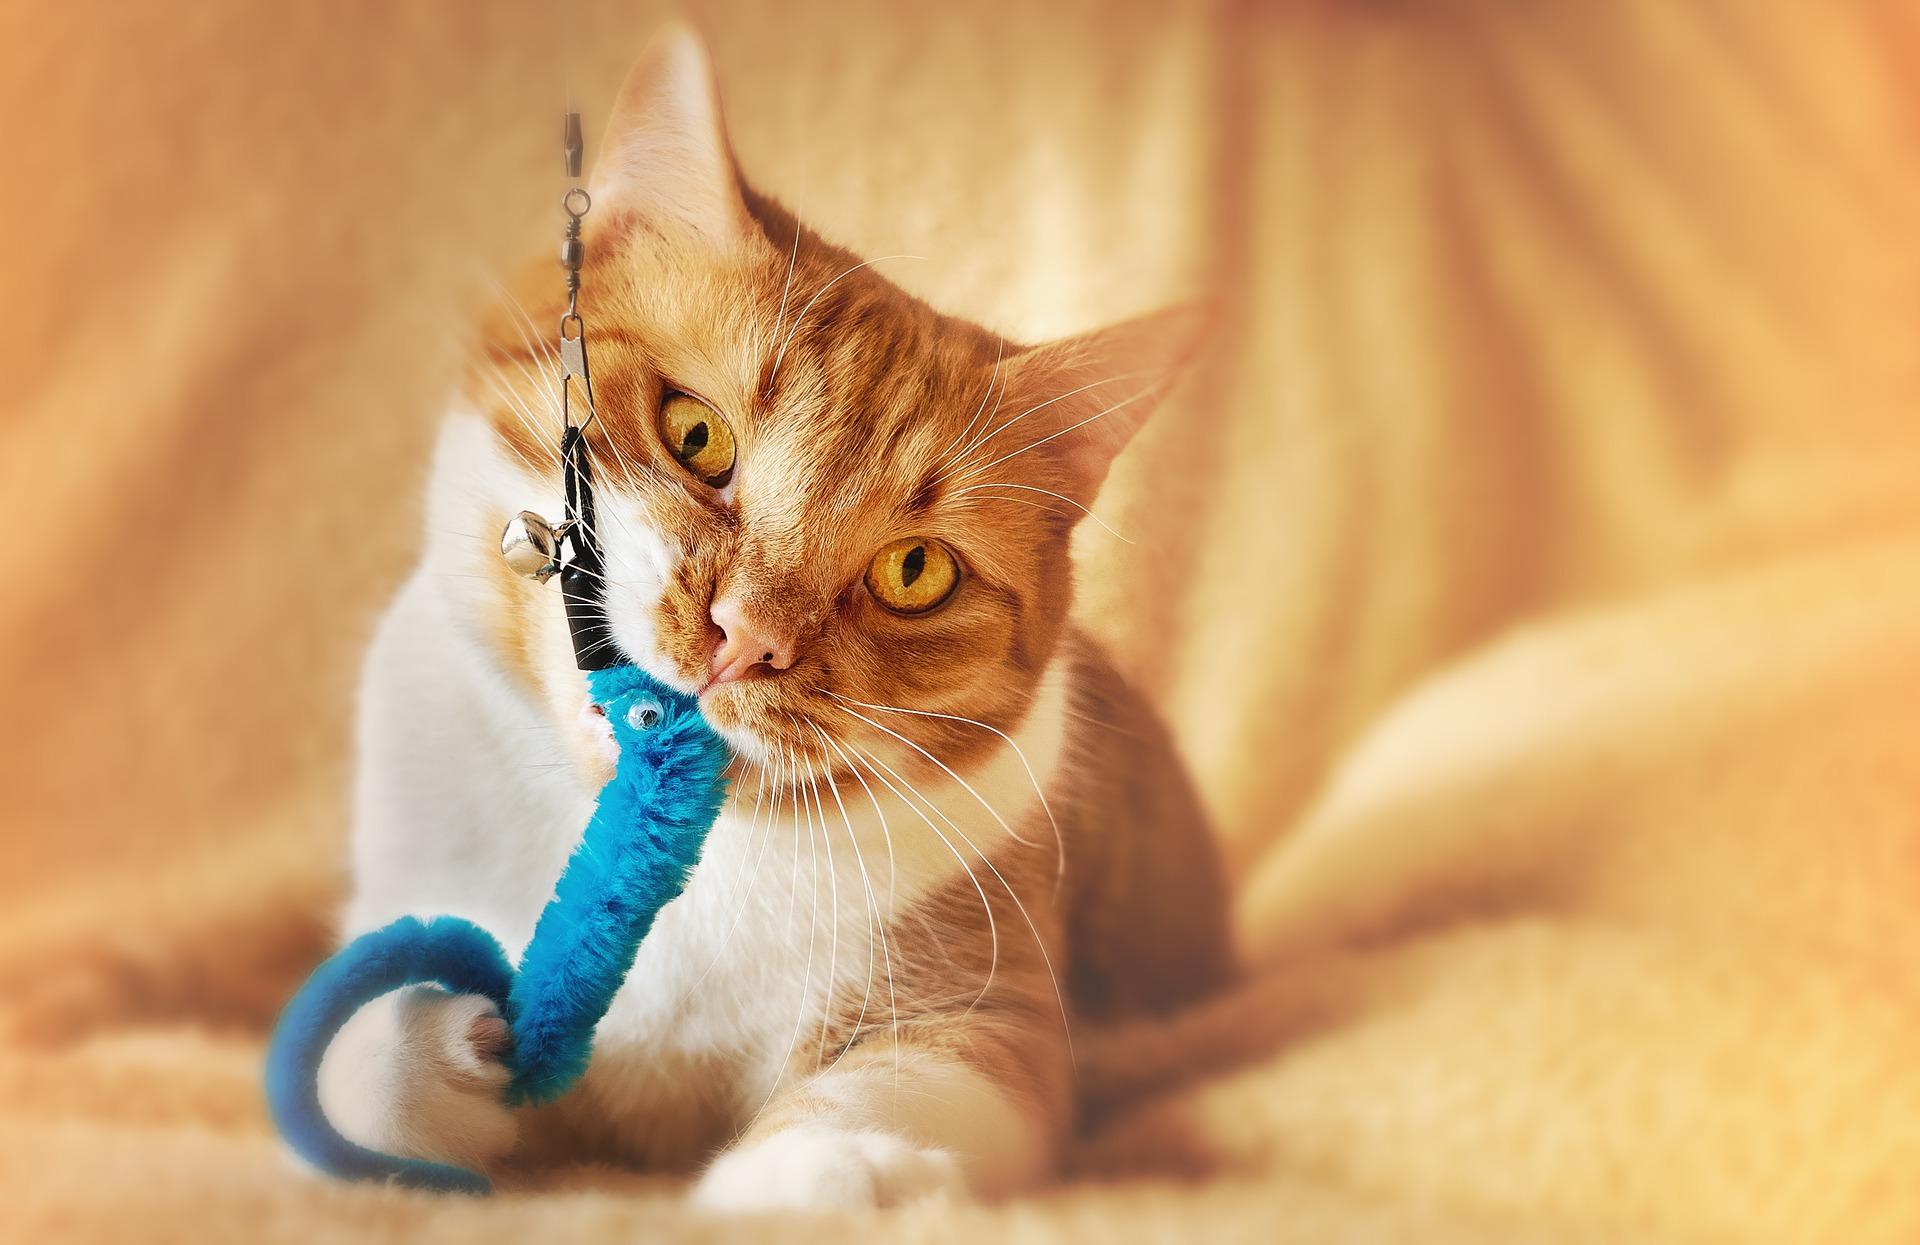 Kodėl reikia žaisti su kate? Kaip žaisti su augintiniu?